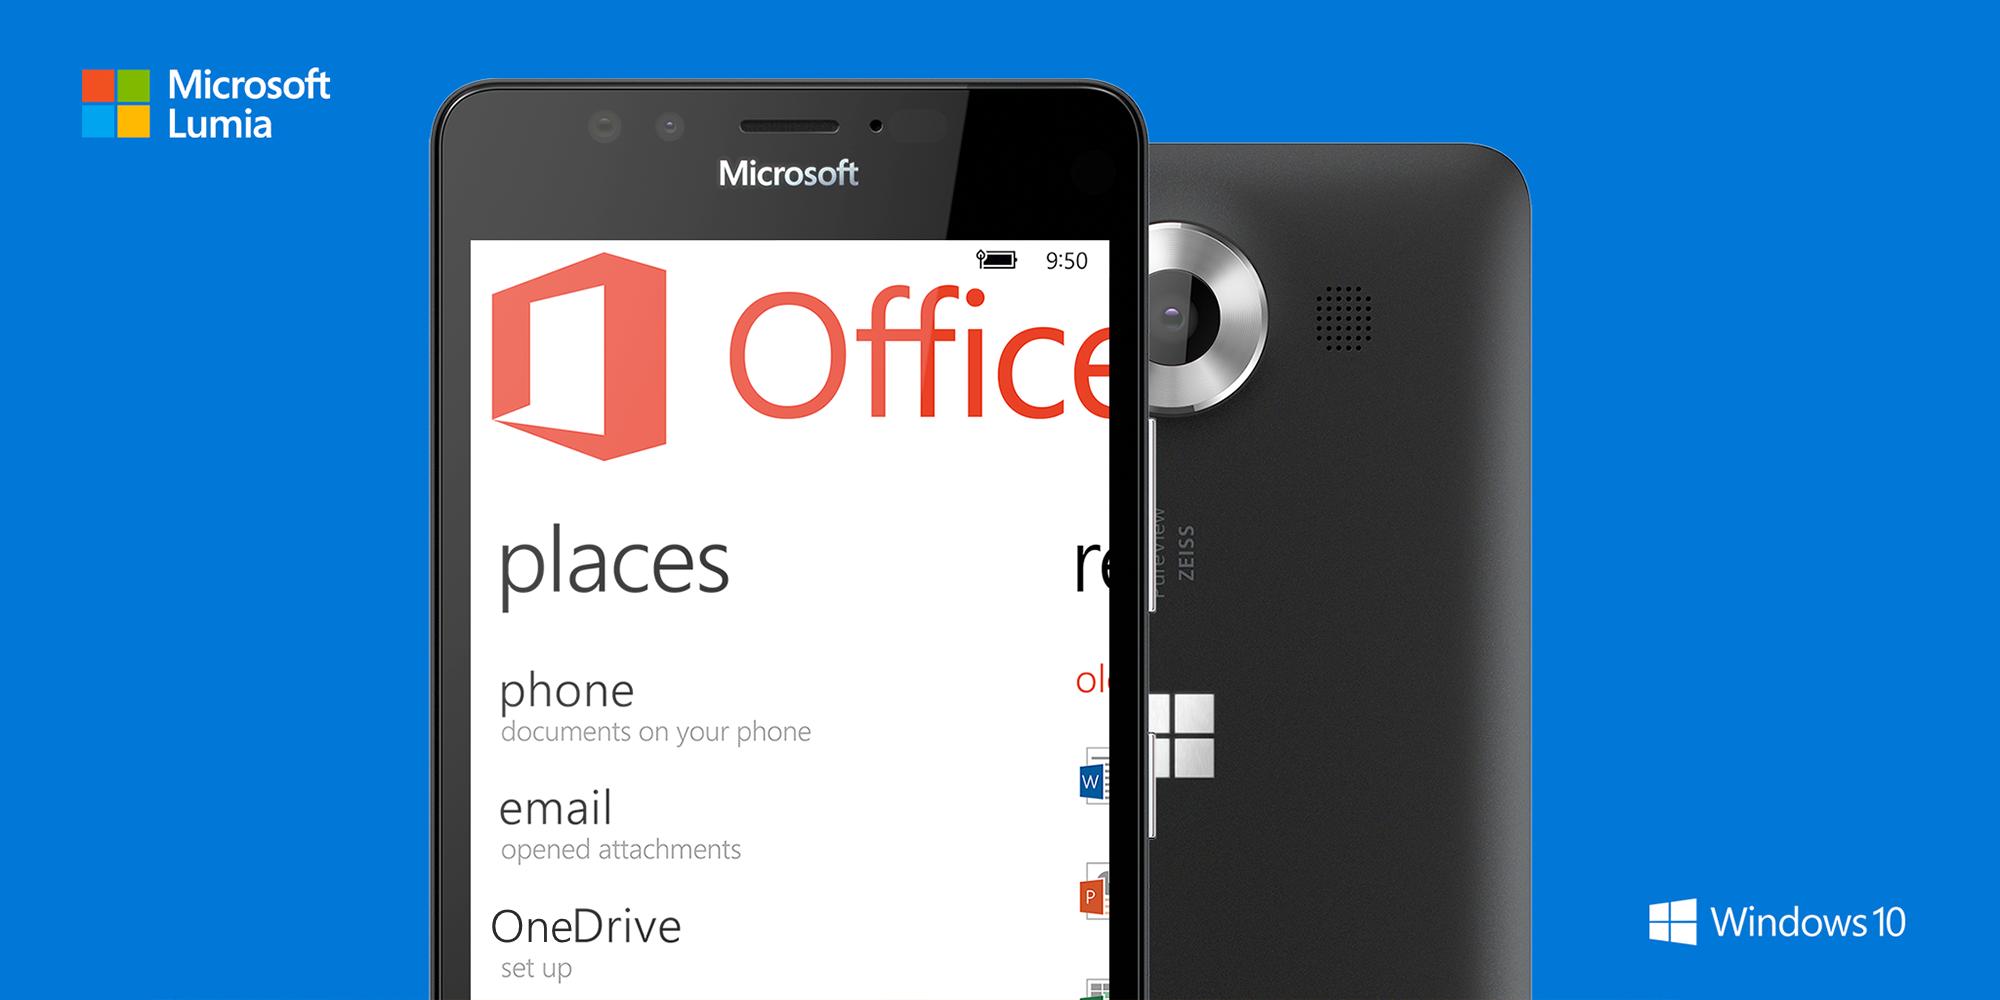 microsoft_lumia_windows_10_mobile